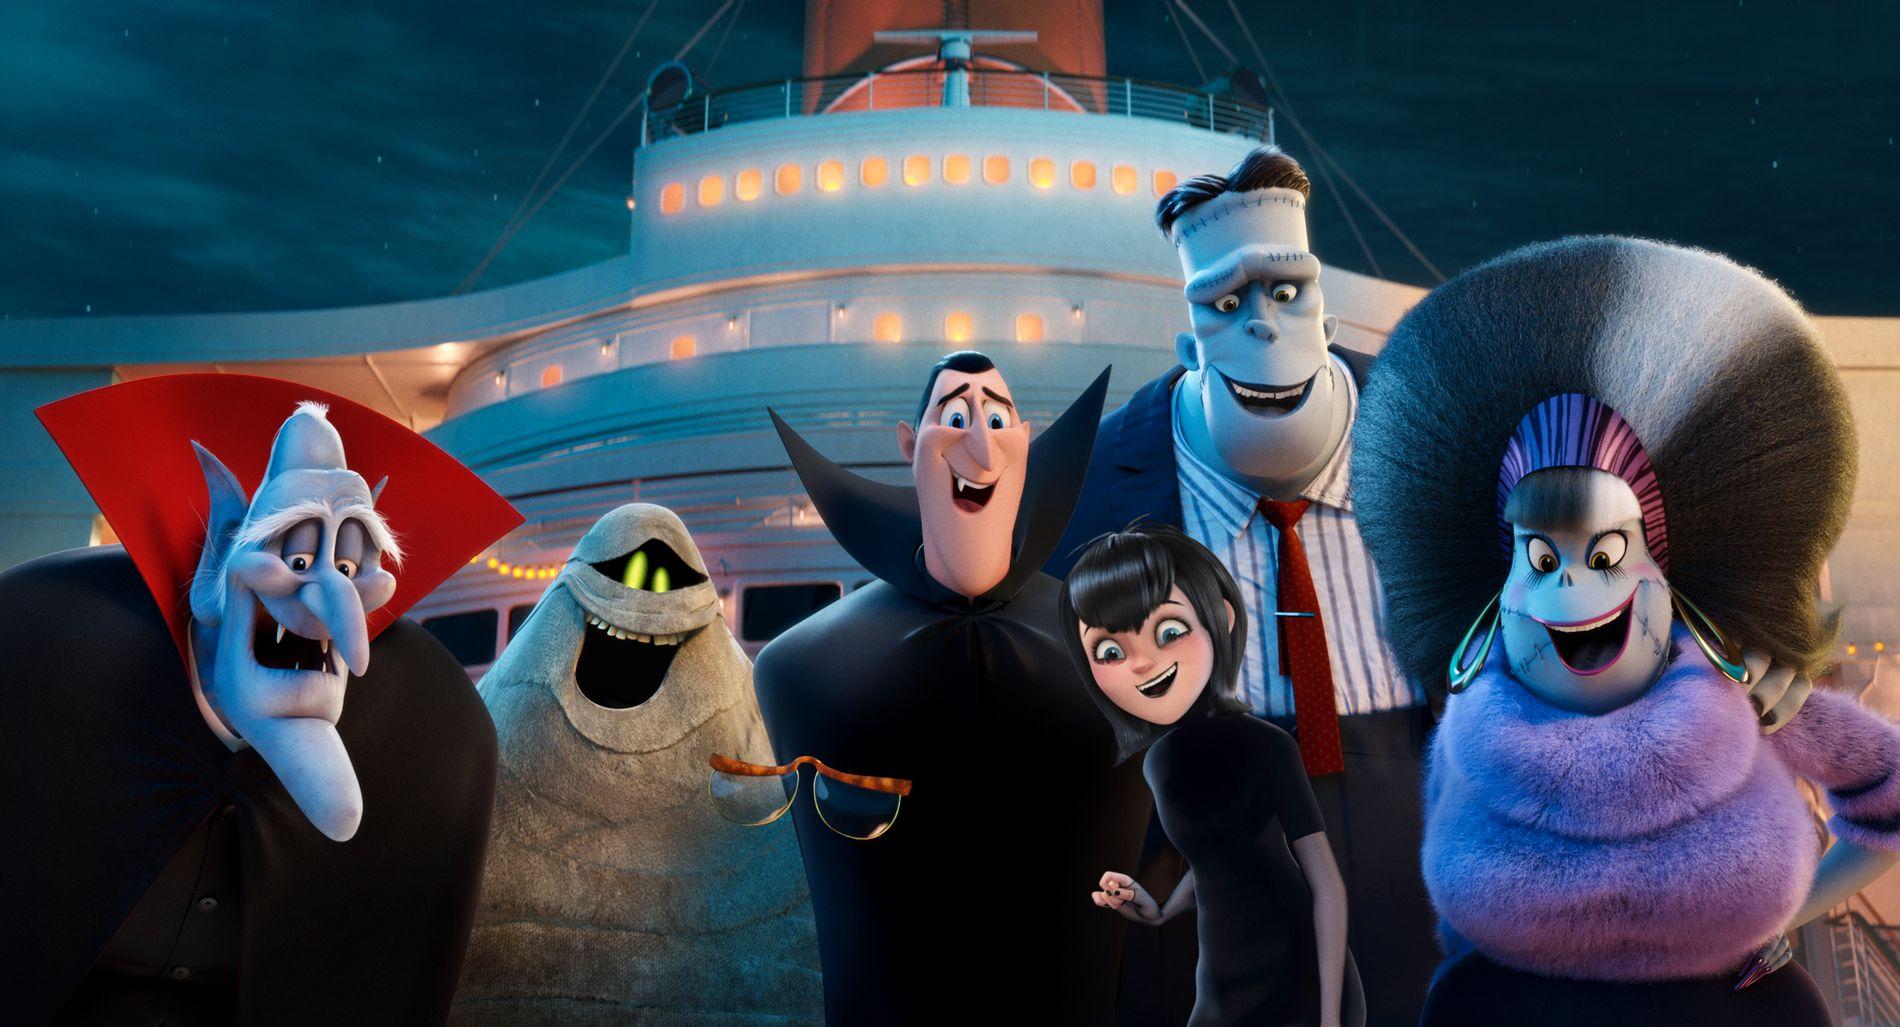 MONSTERFABRIKKEN: Dracula og vennene hans på cruiseferie i «Hotell Transylvania 3: Monsterferie».